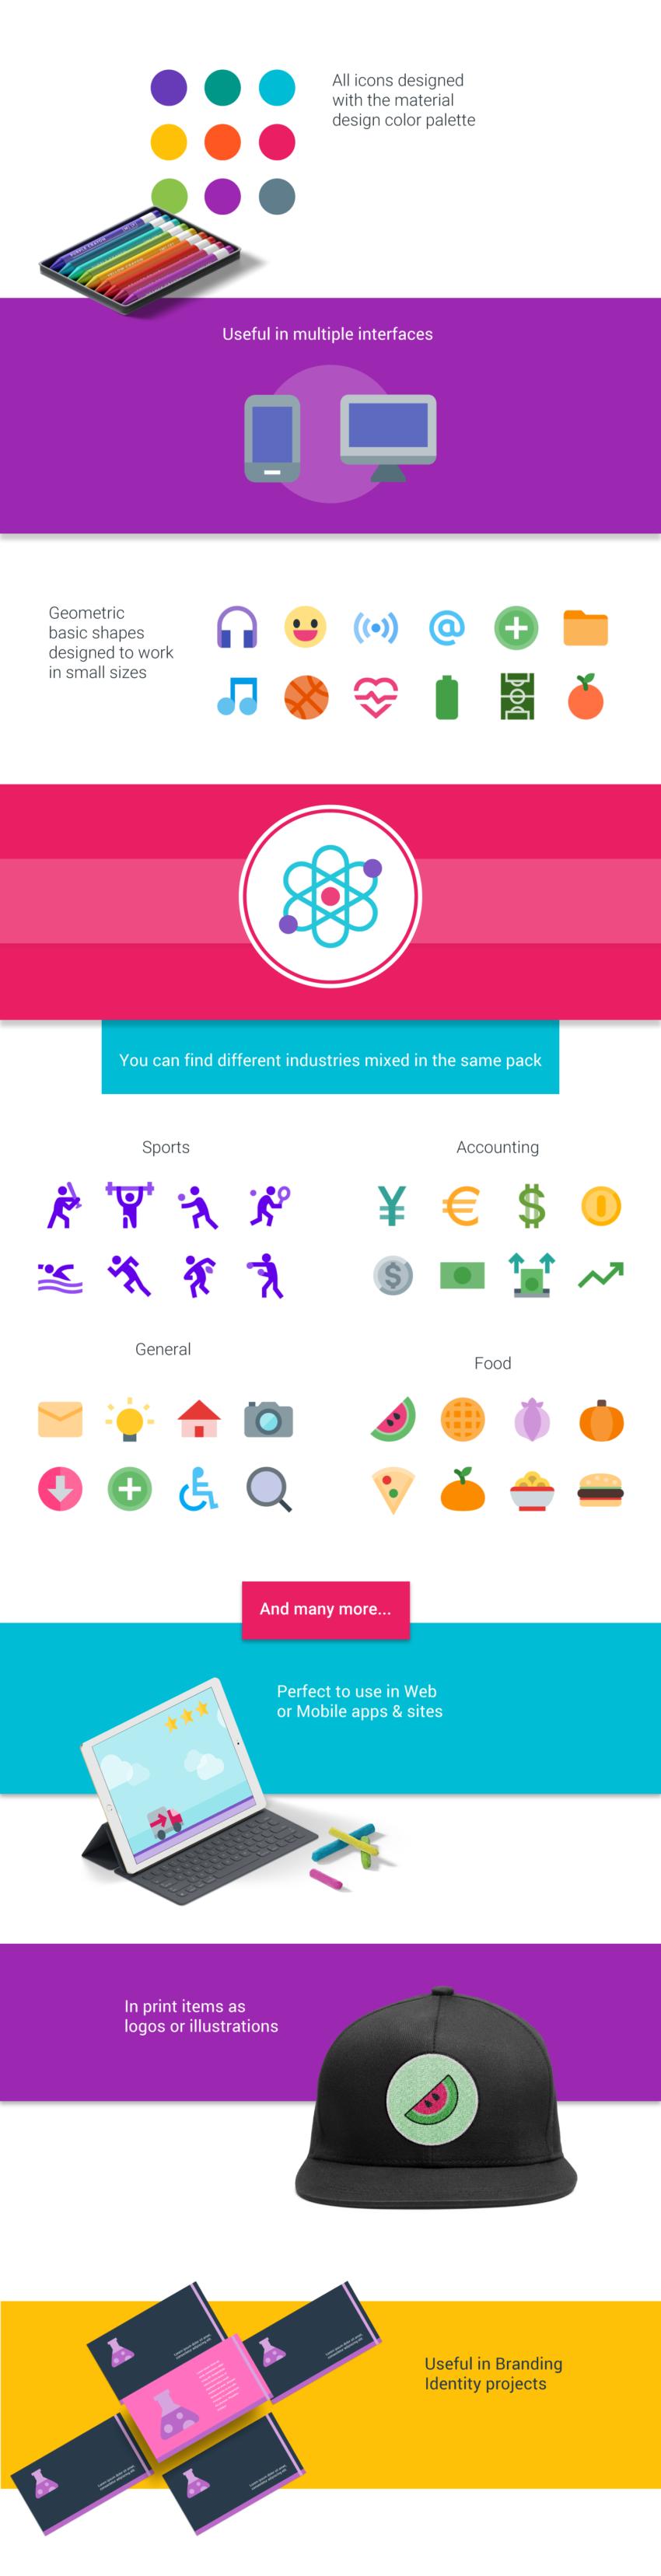 Free 500 Material icons (.Png + .Svg) скачать бесплатно